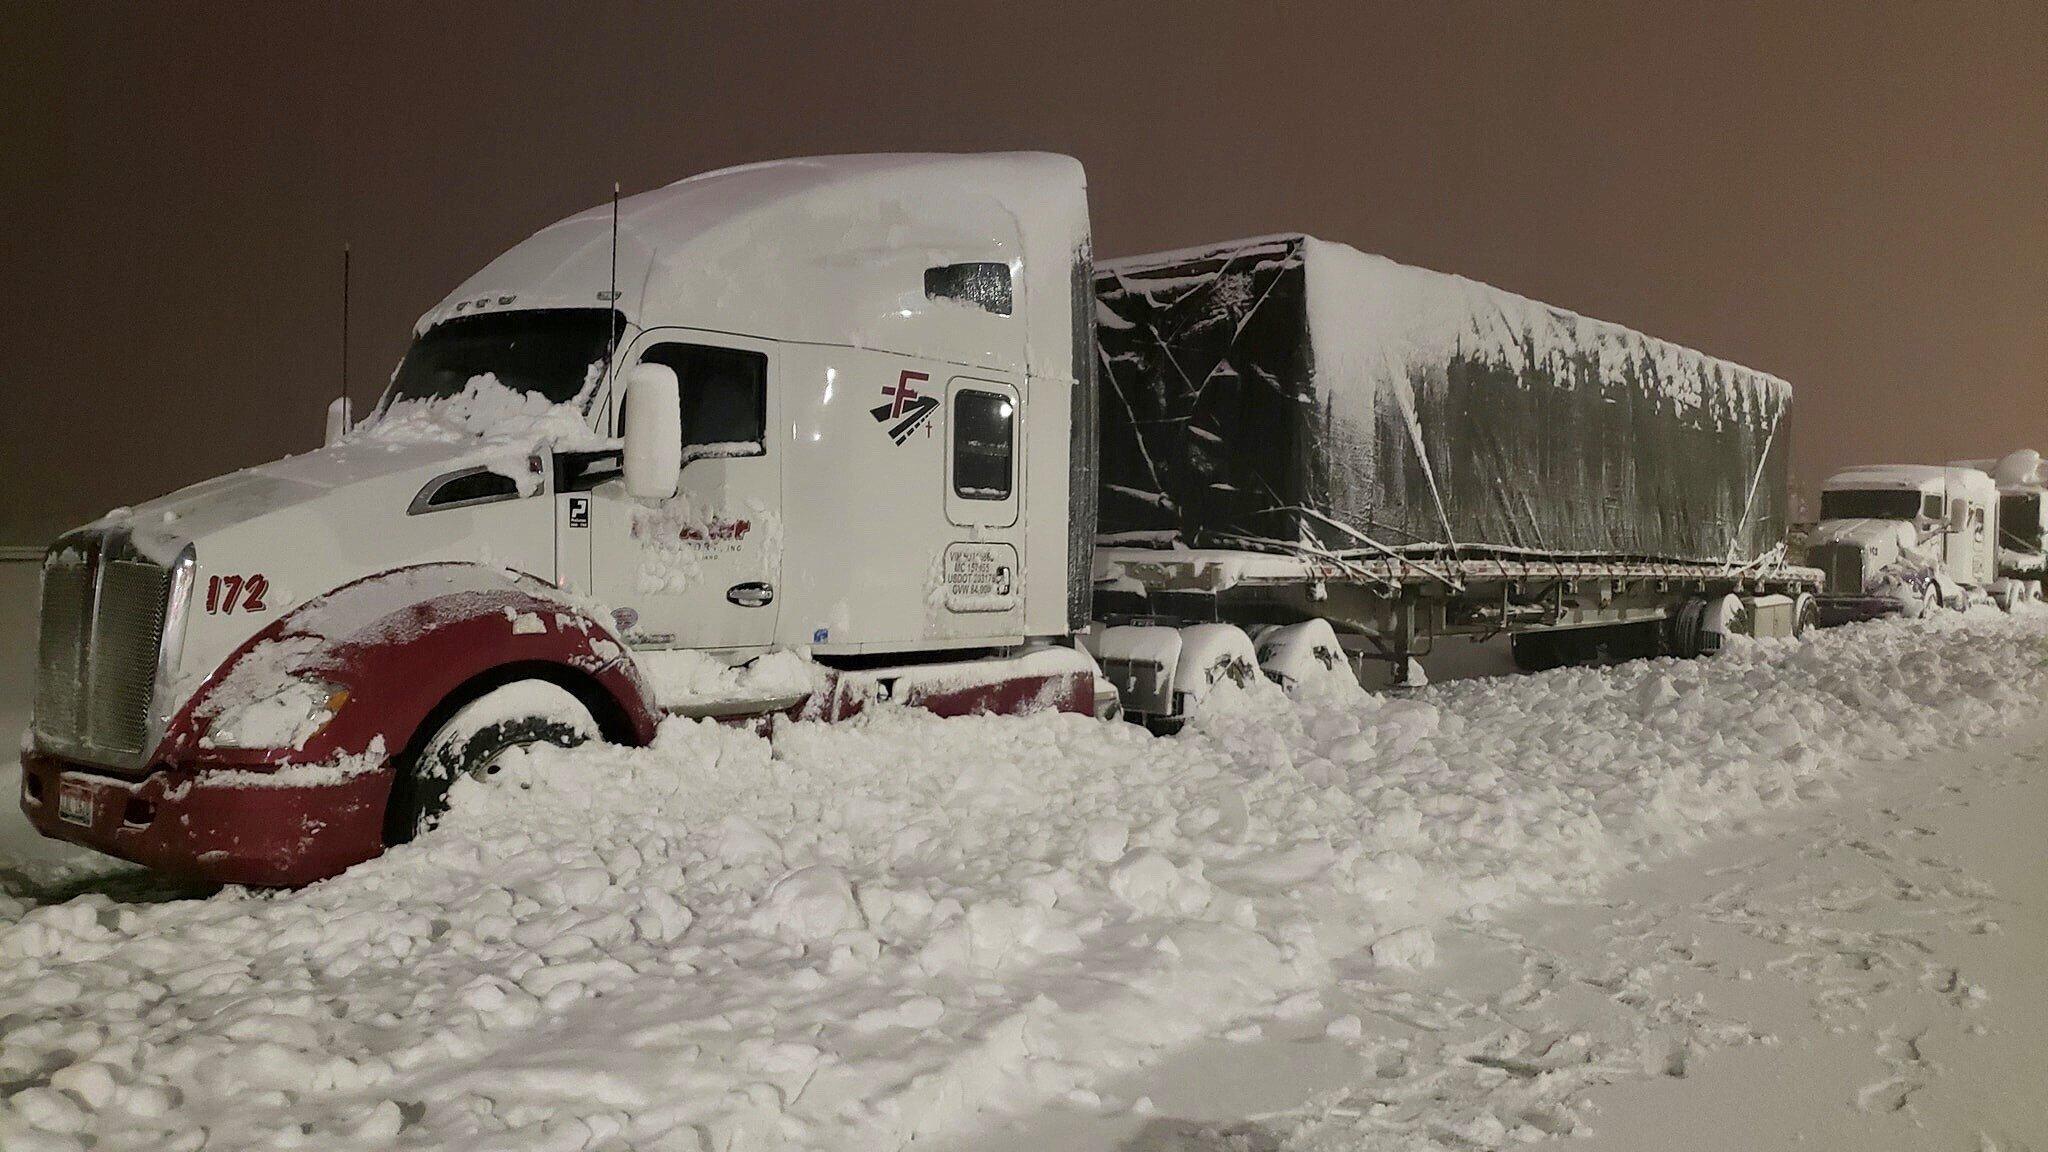 Images shot by Frasier Transport drivers.